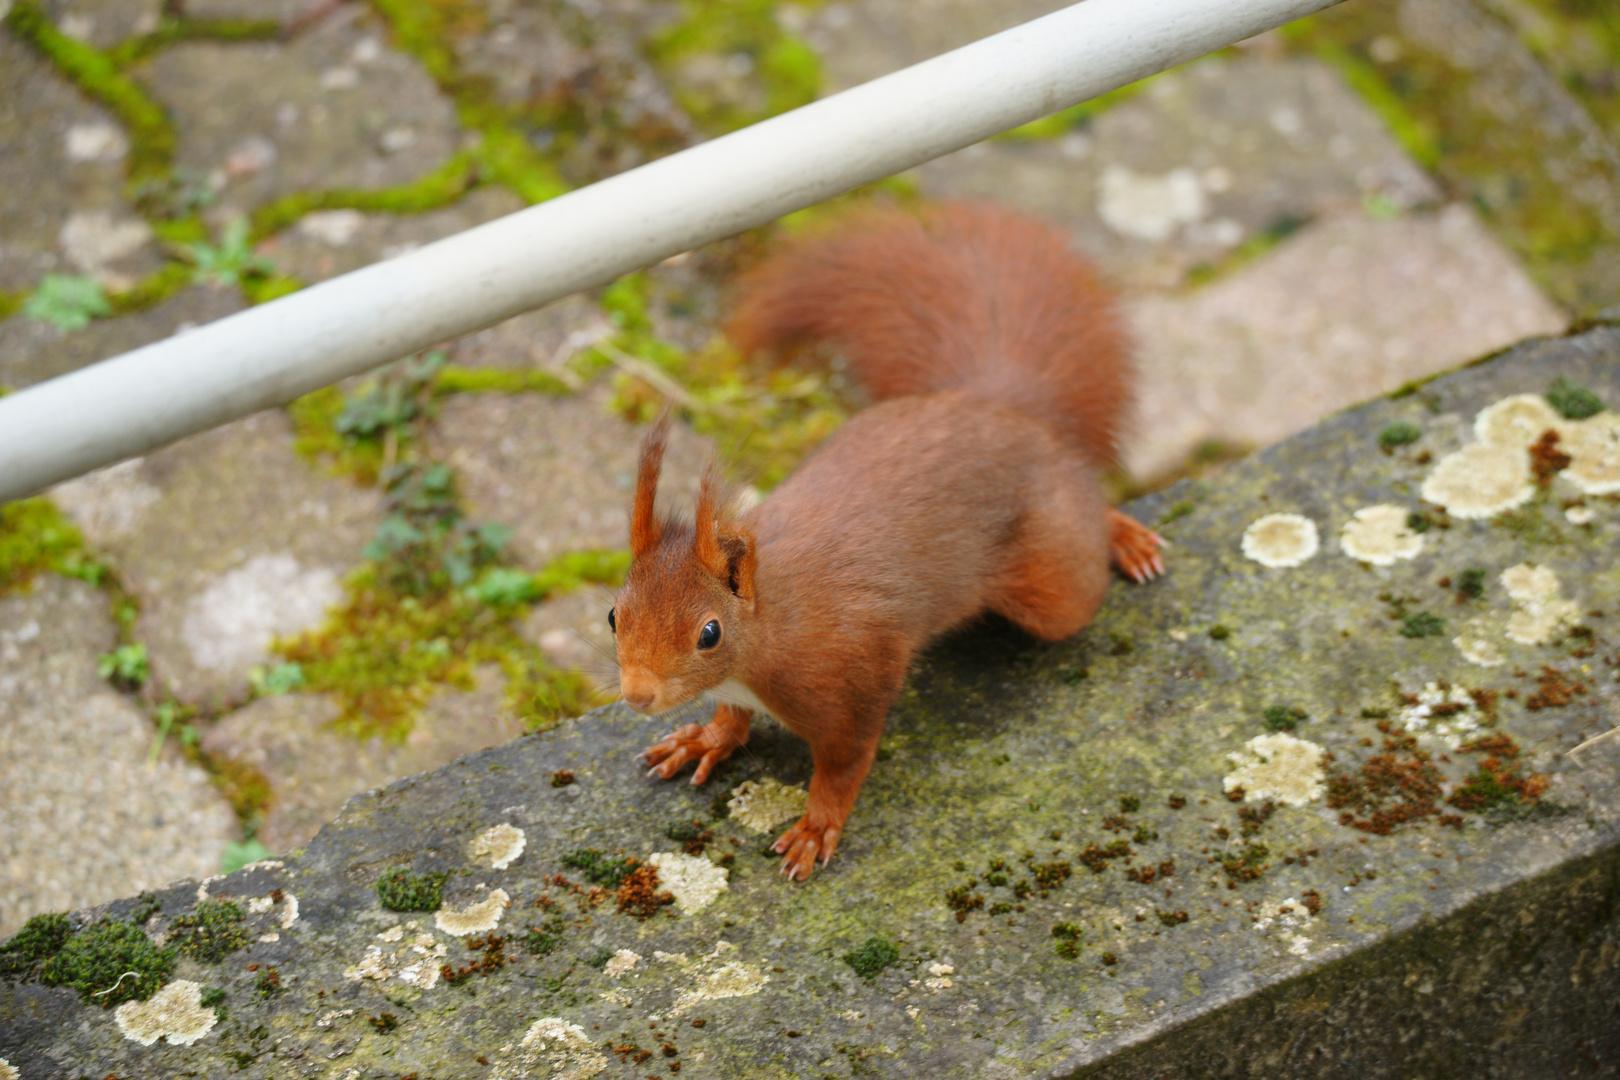 mein Freund, das Eichhörnchen